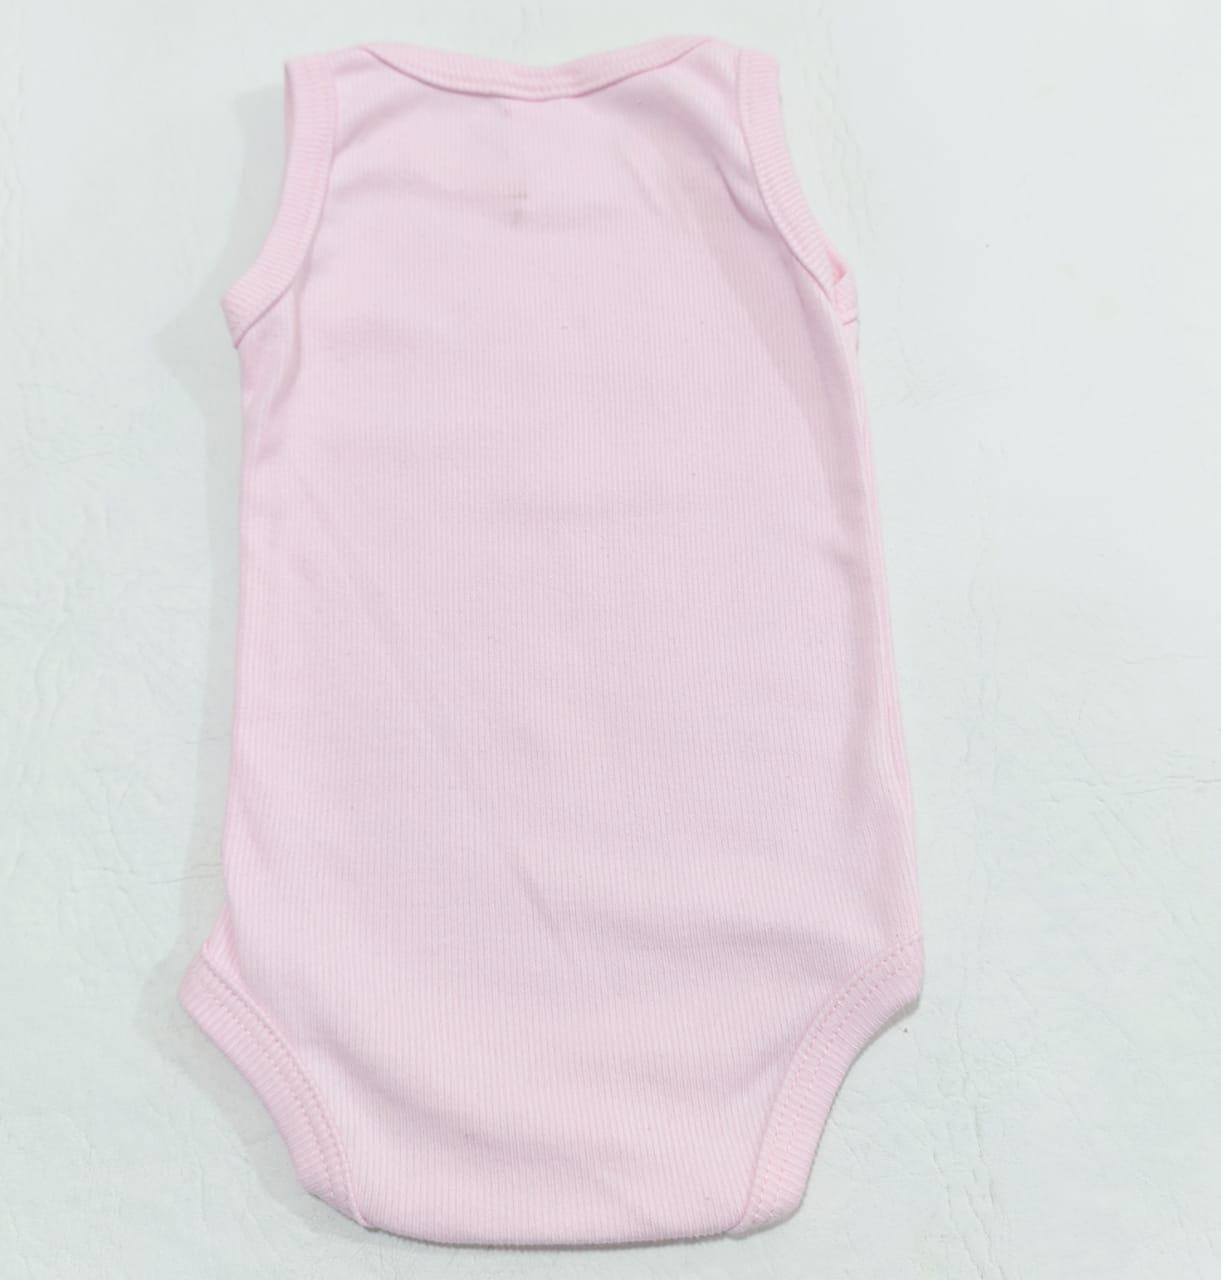 Body Regata - Cores Diversas - 7 à 10 meses - Em Algodão - Yala Baby